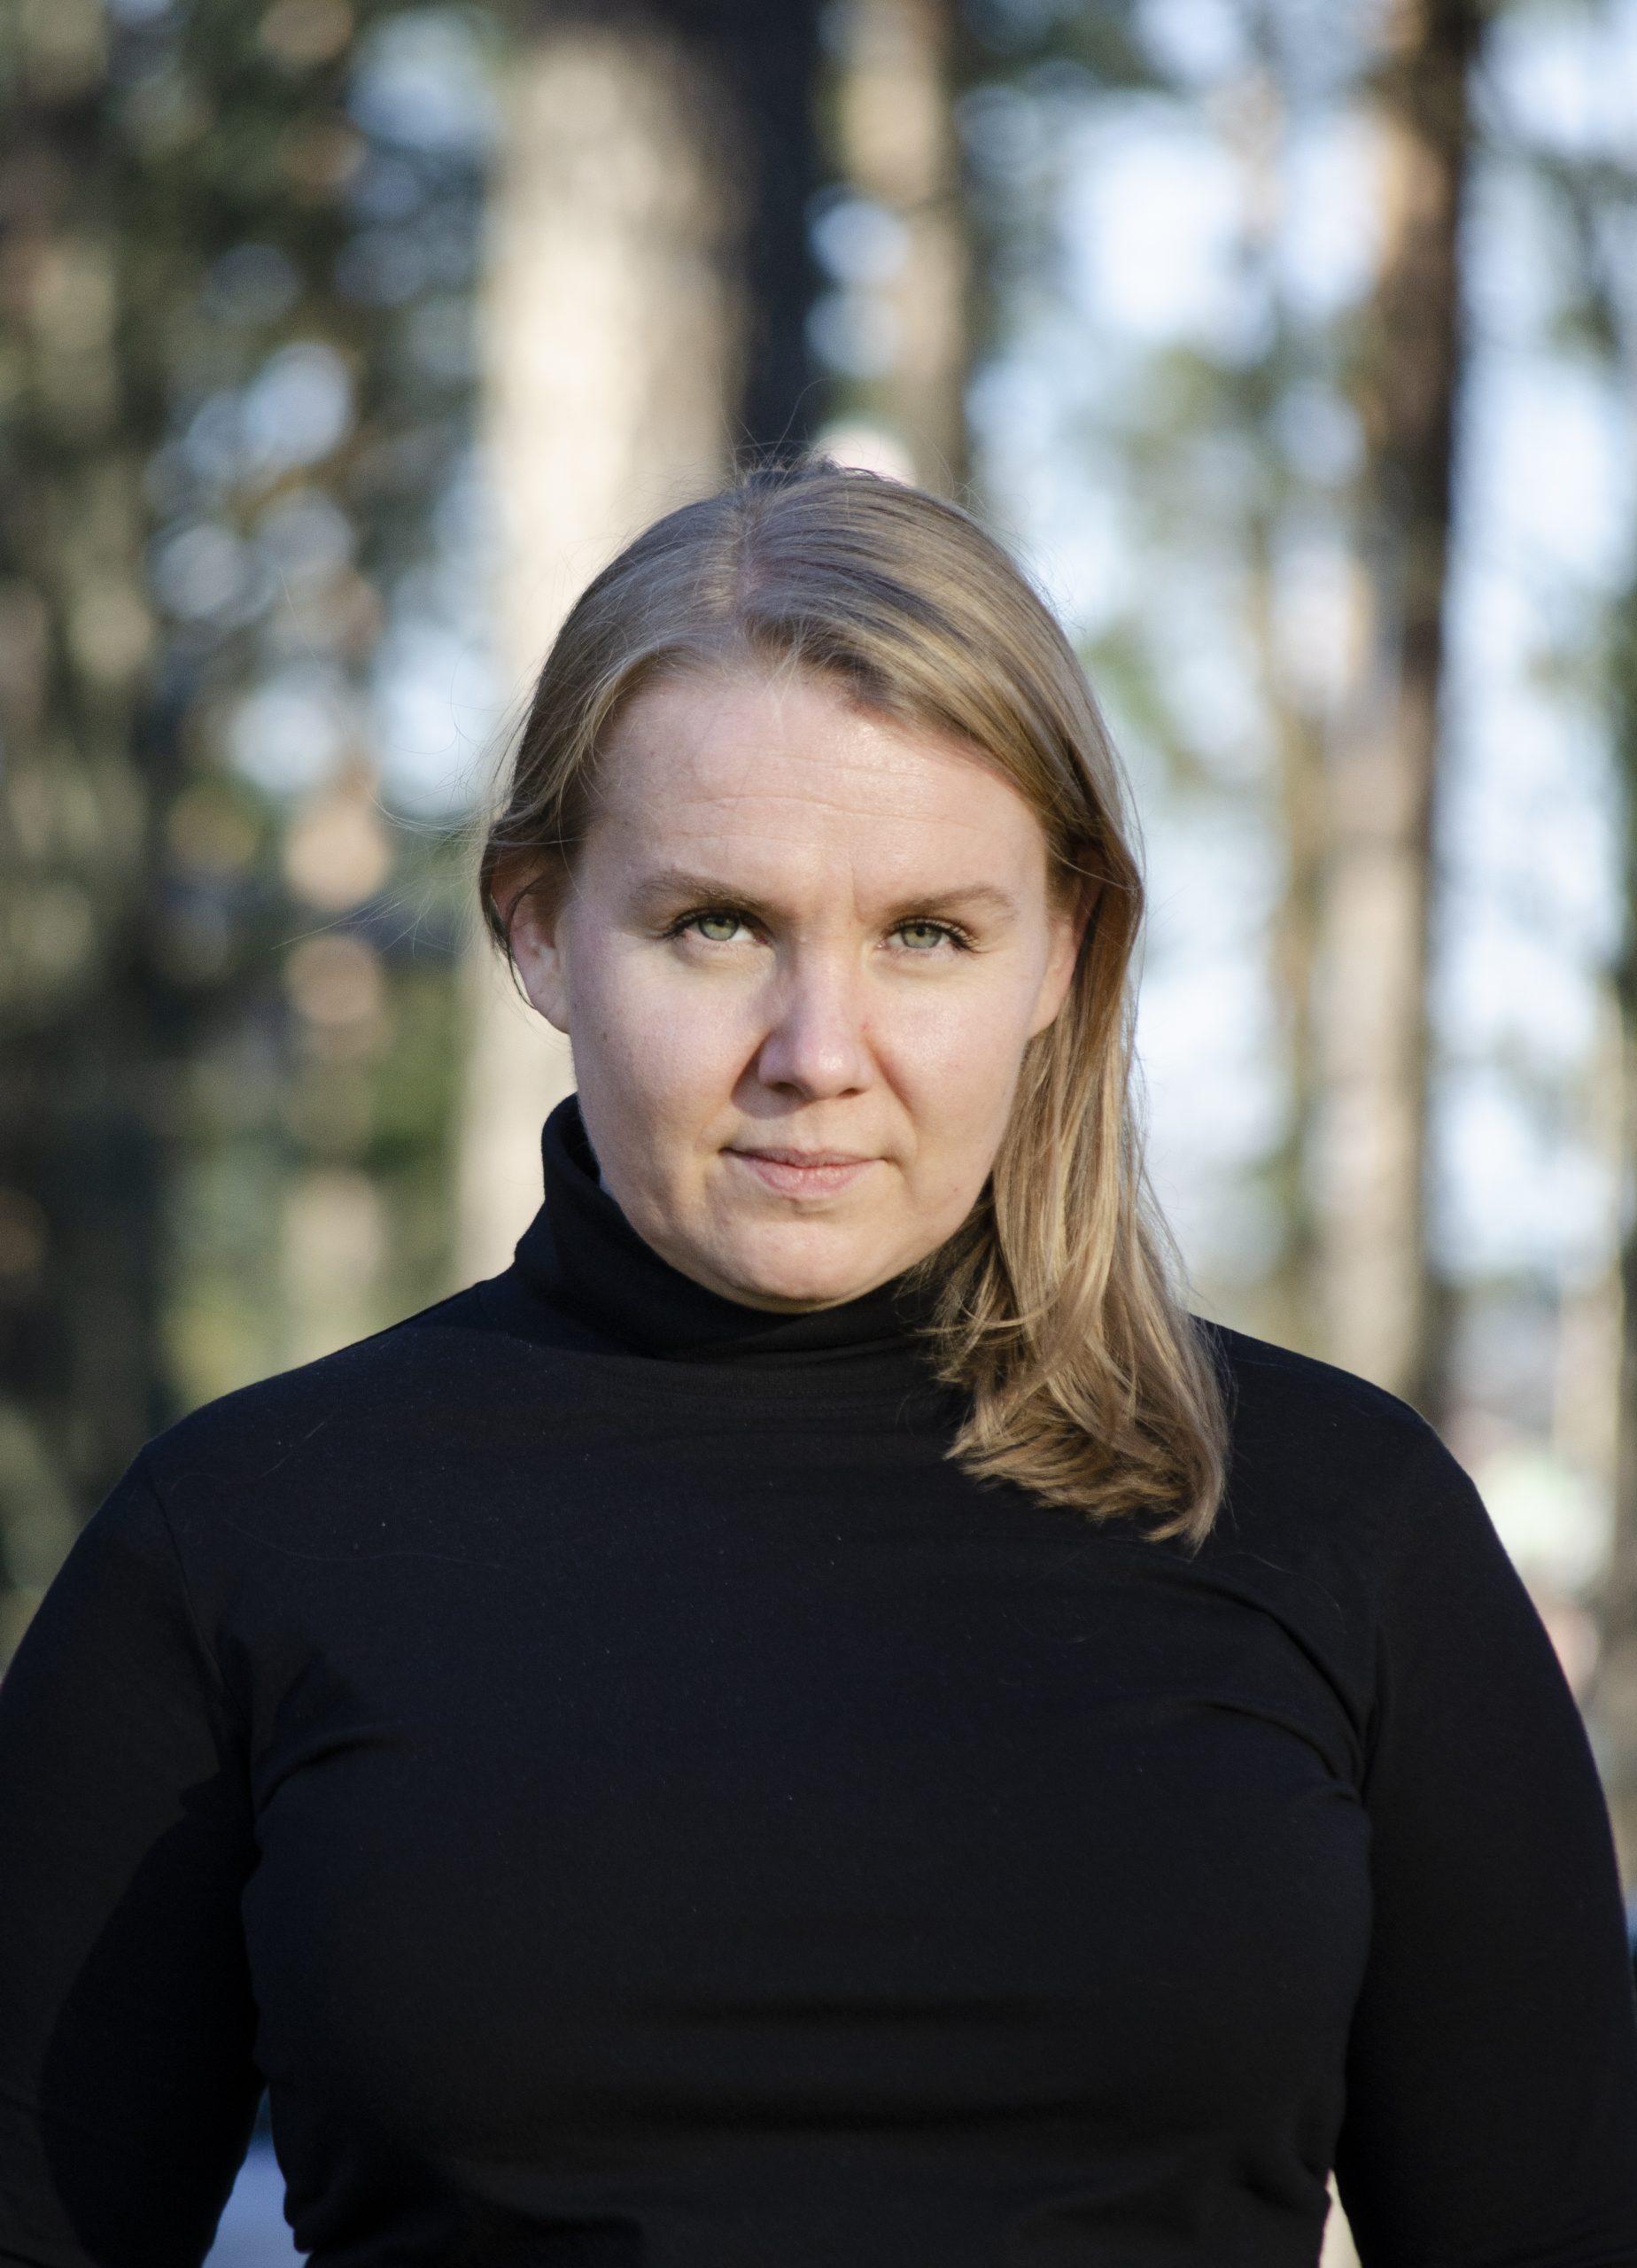 Kuva: Annika Takkala